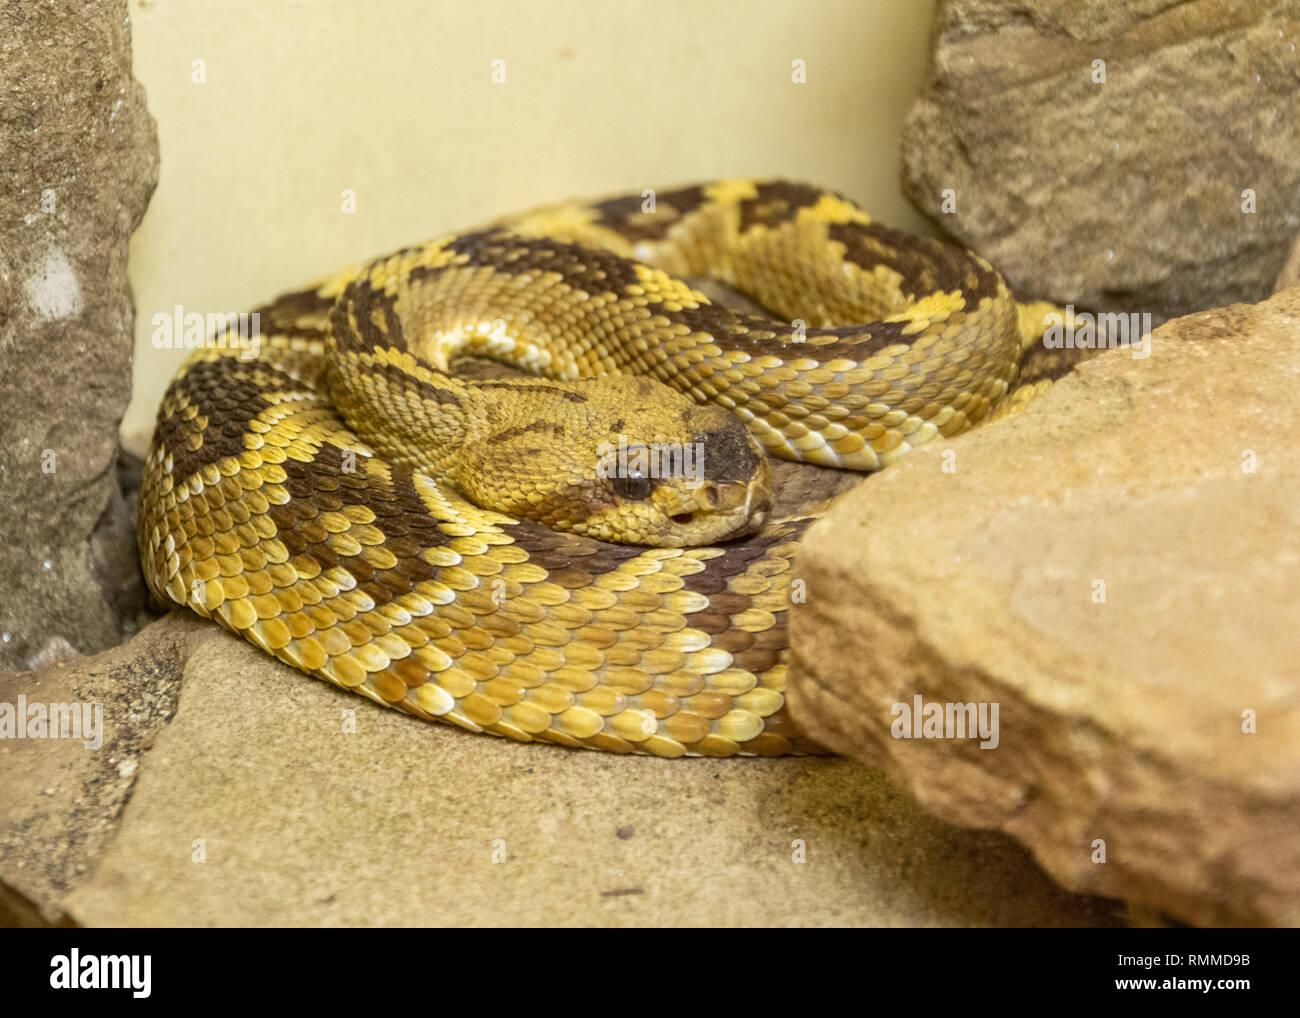 Black-tailed Rattlesnake (Crotalus molossus) among rocks Stock Photo